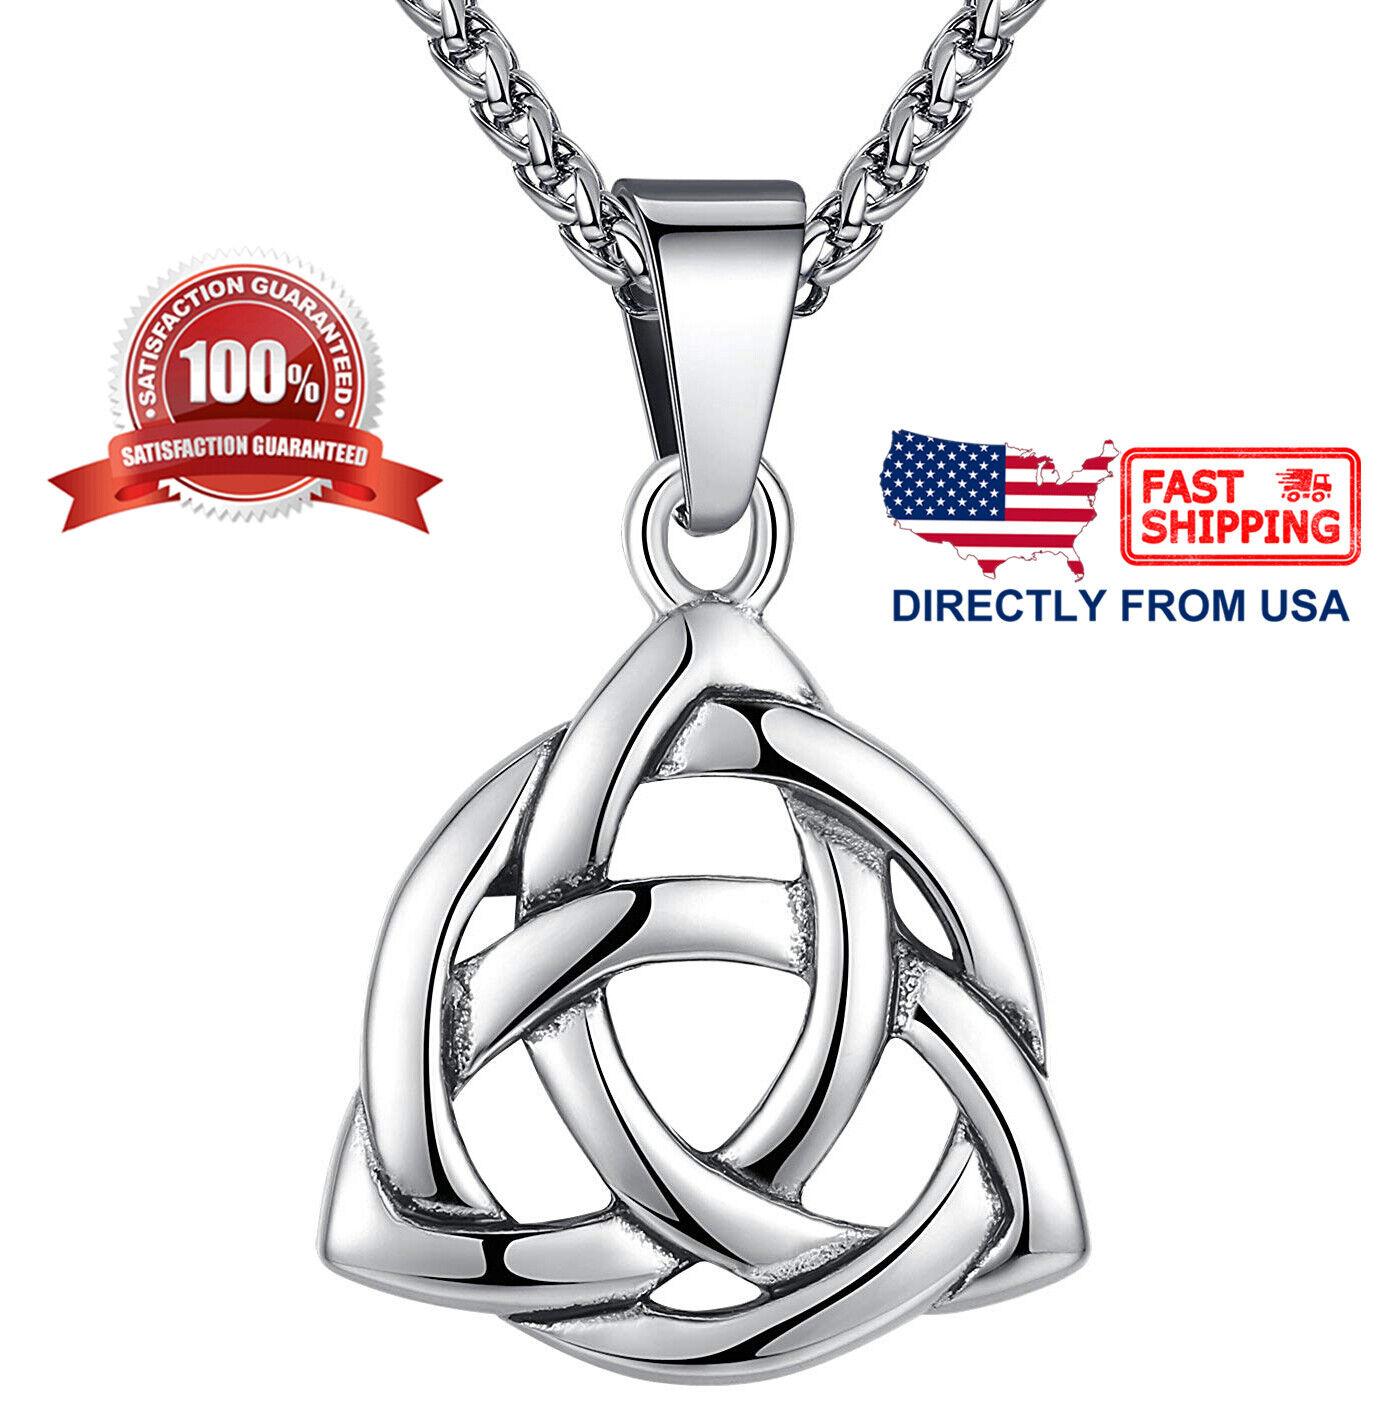 Men's Stainless Steel Large Celtic Triquetra Trinity Knot Pendant Necklace Chains, Necklaces & Pendants